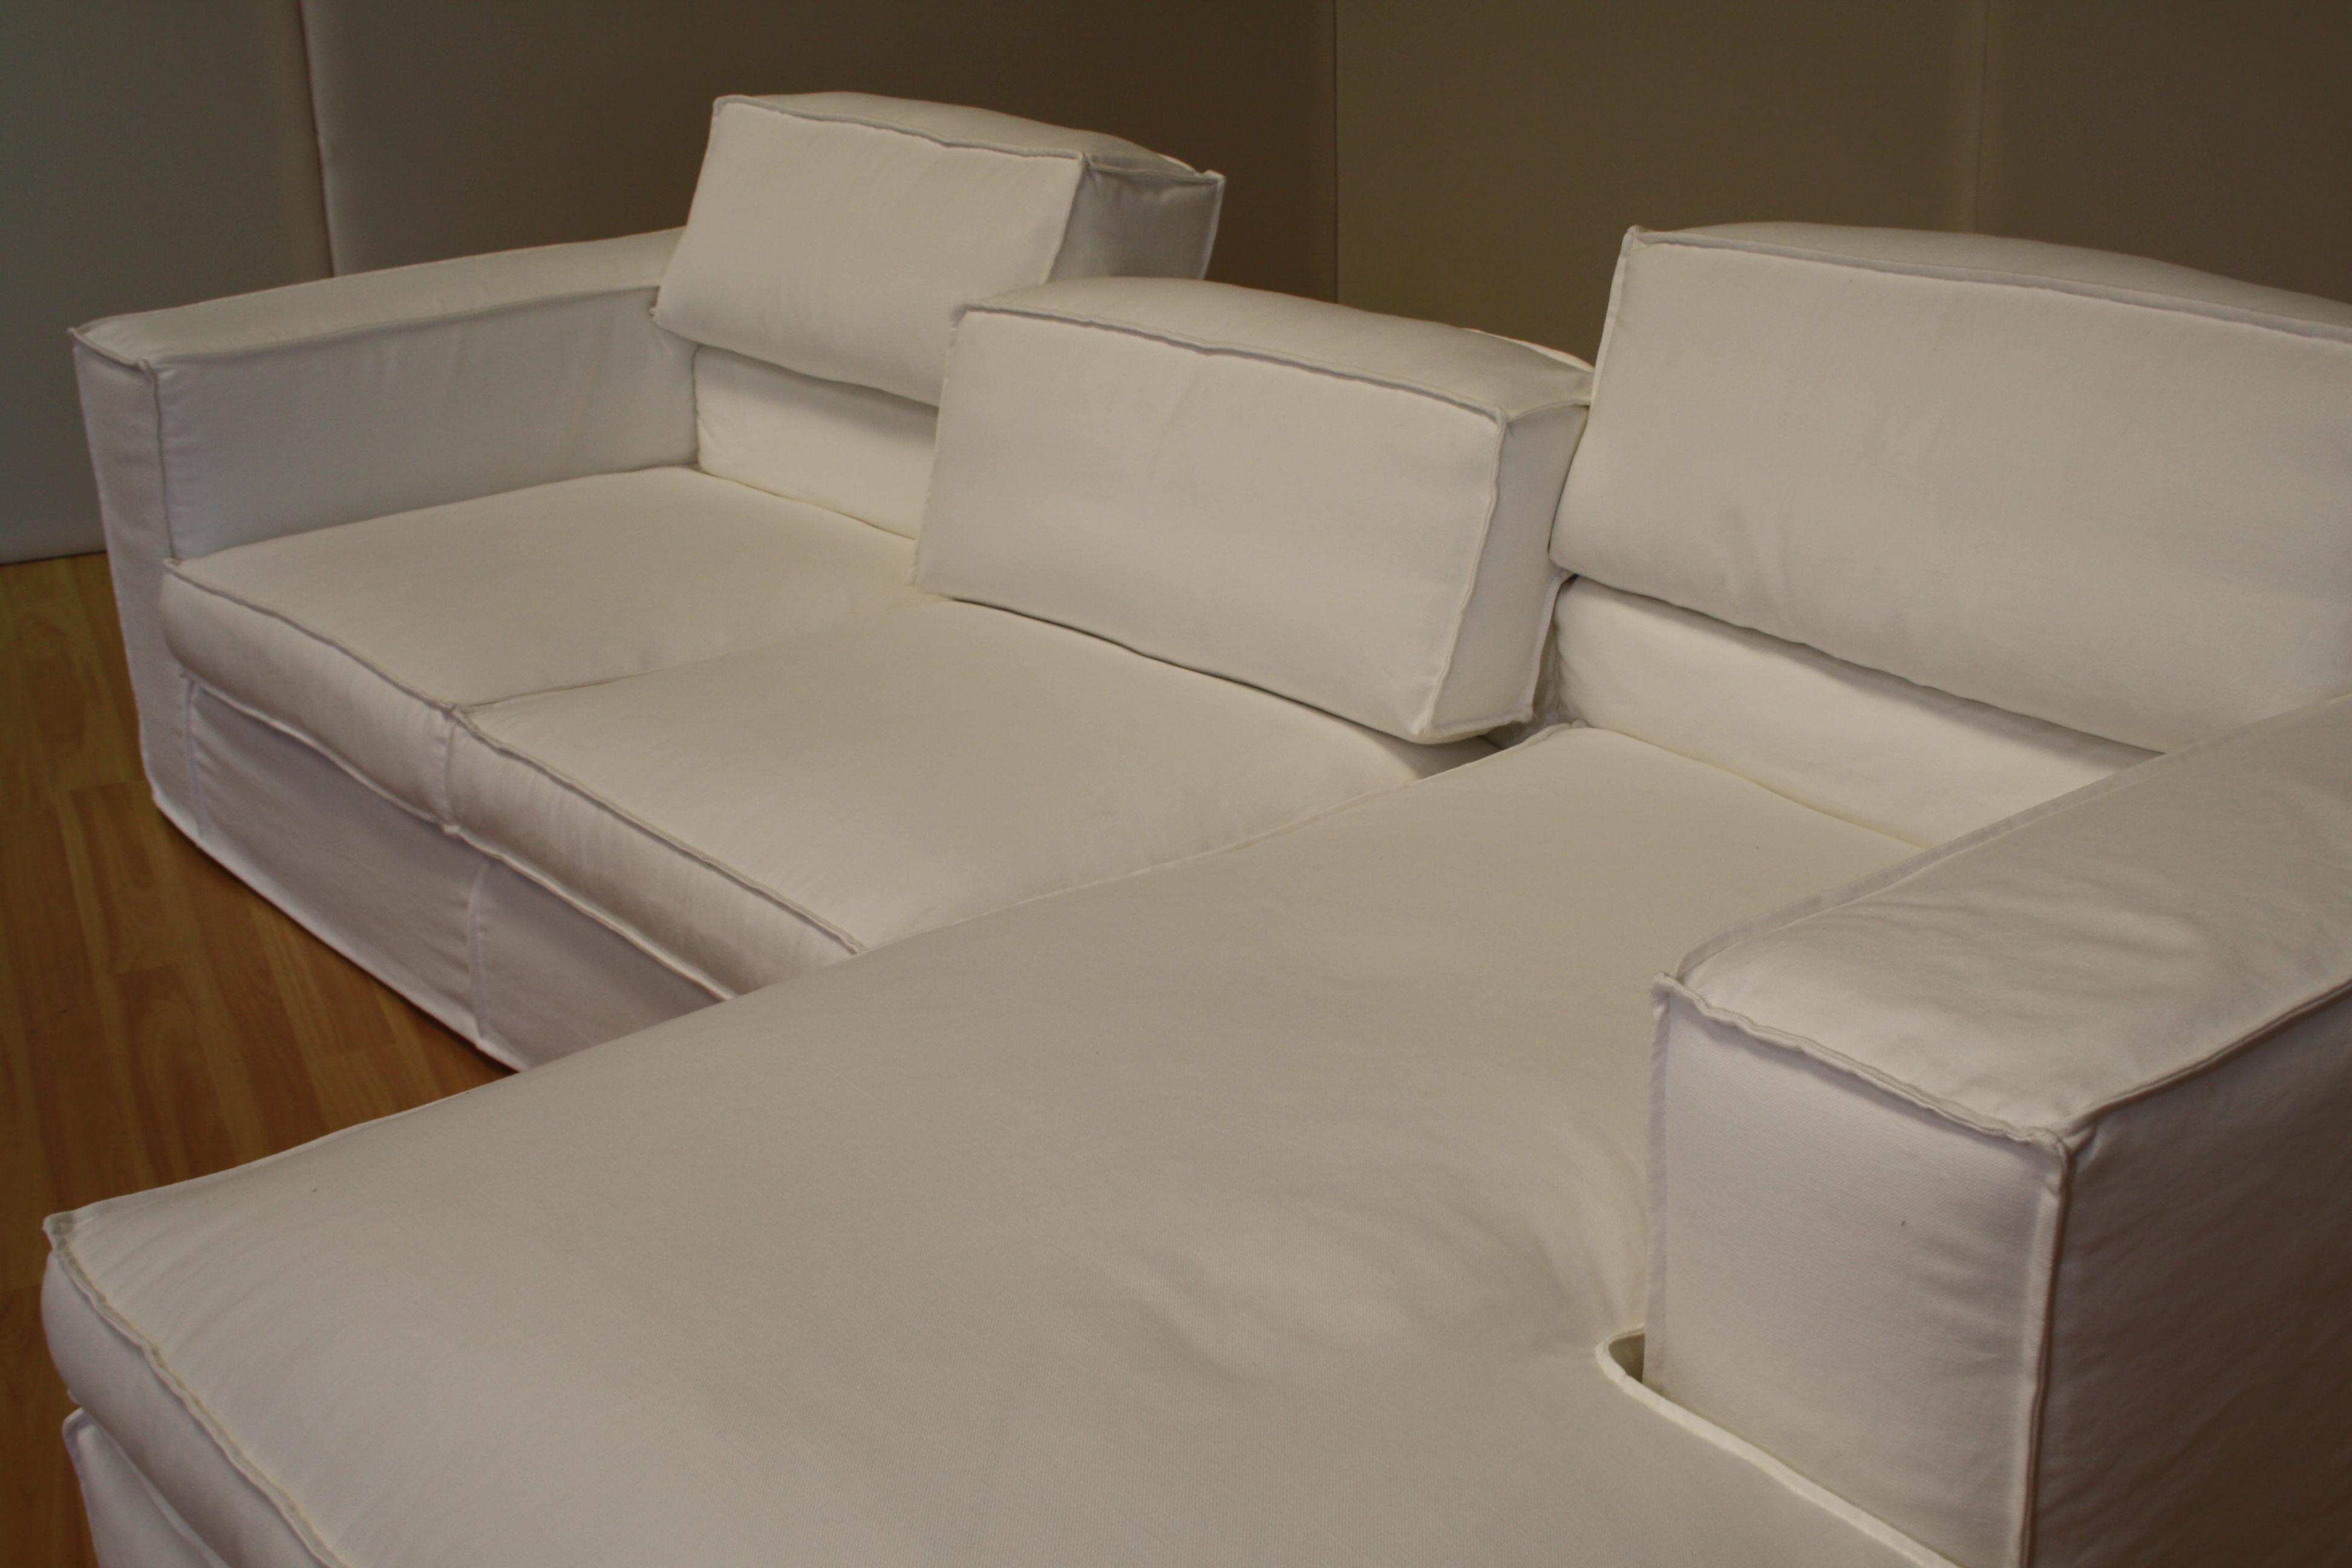 Nuova collezione di divani e letti blog arredamento for Letti divani e divani